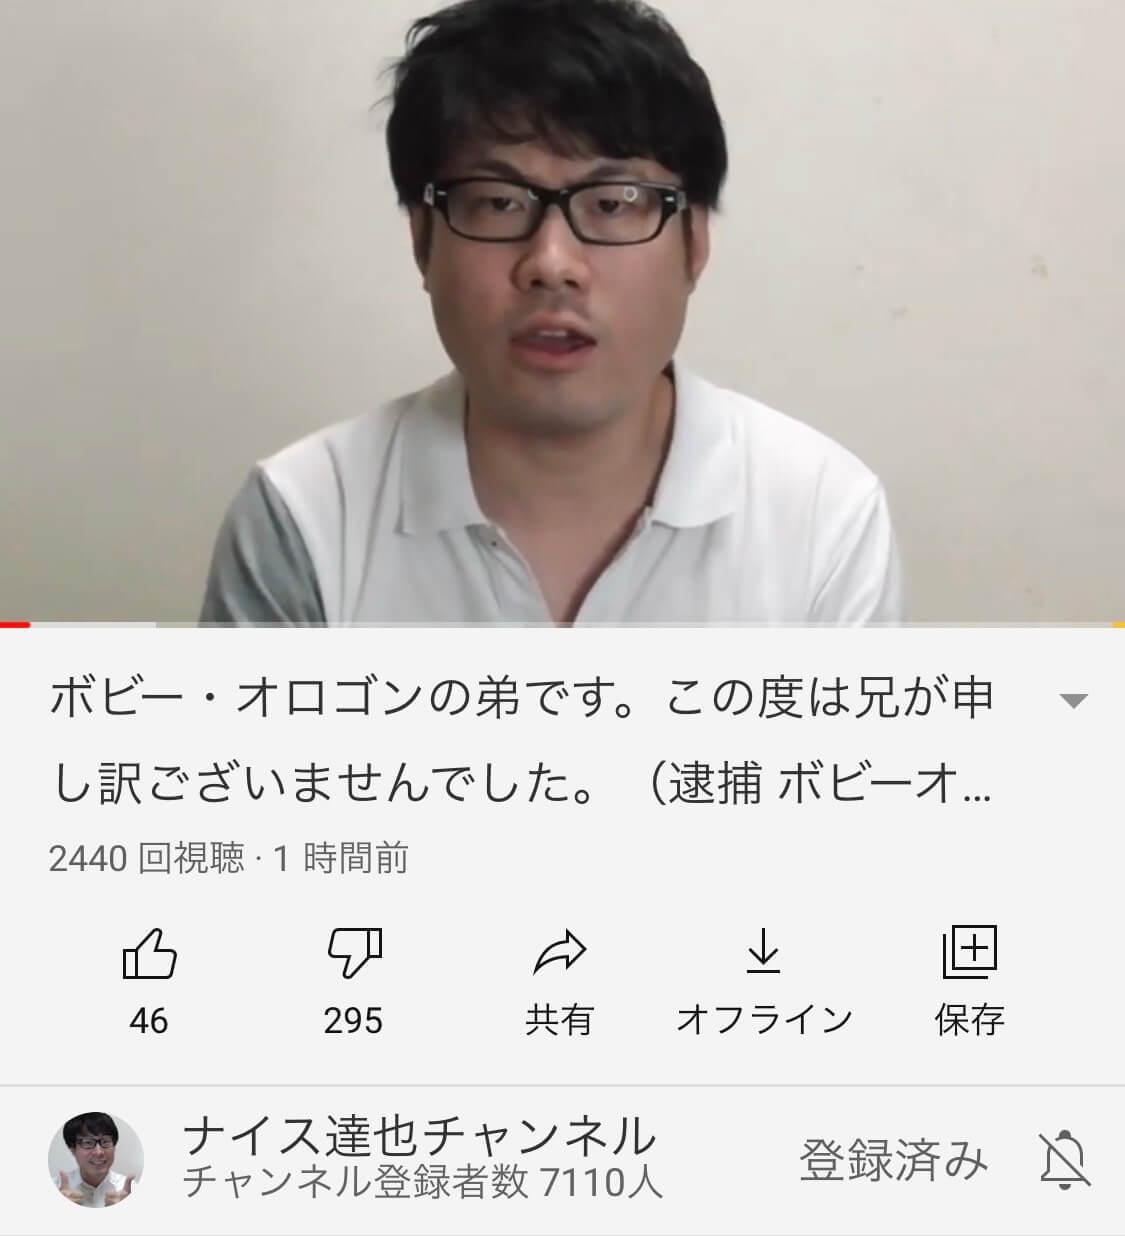 速報 ゴミ youtuber 大物